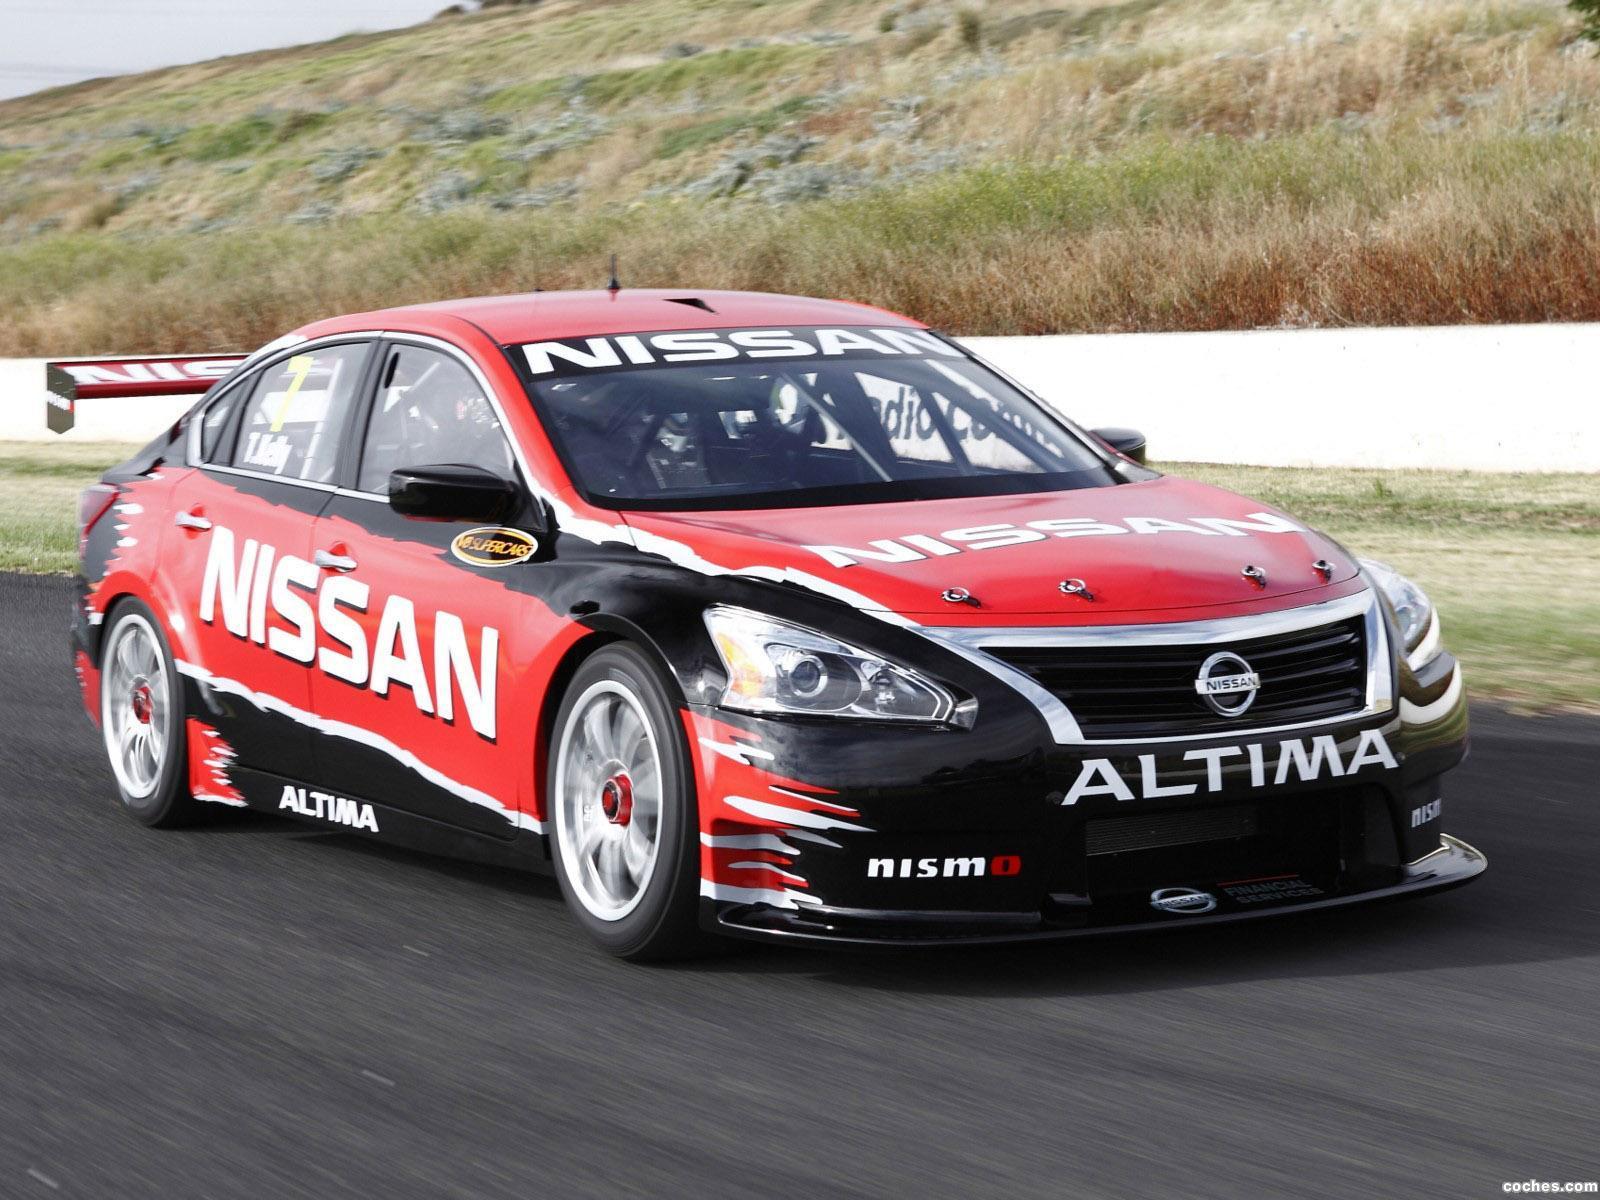 Foto 5 de Nissan Altima V8 Supercar 2012